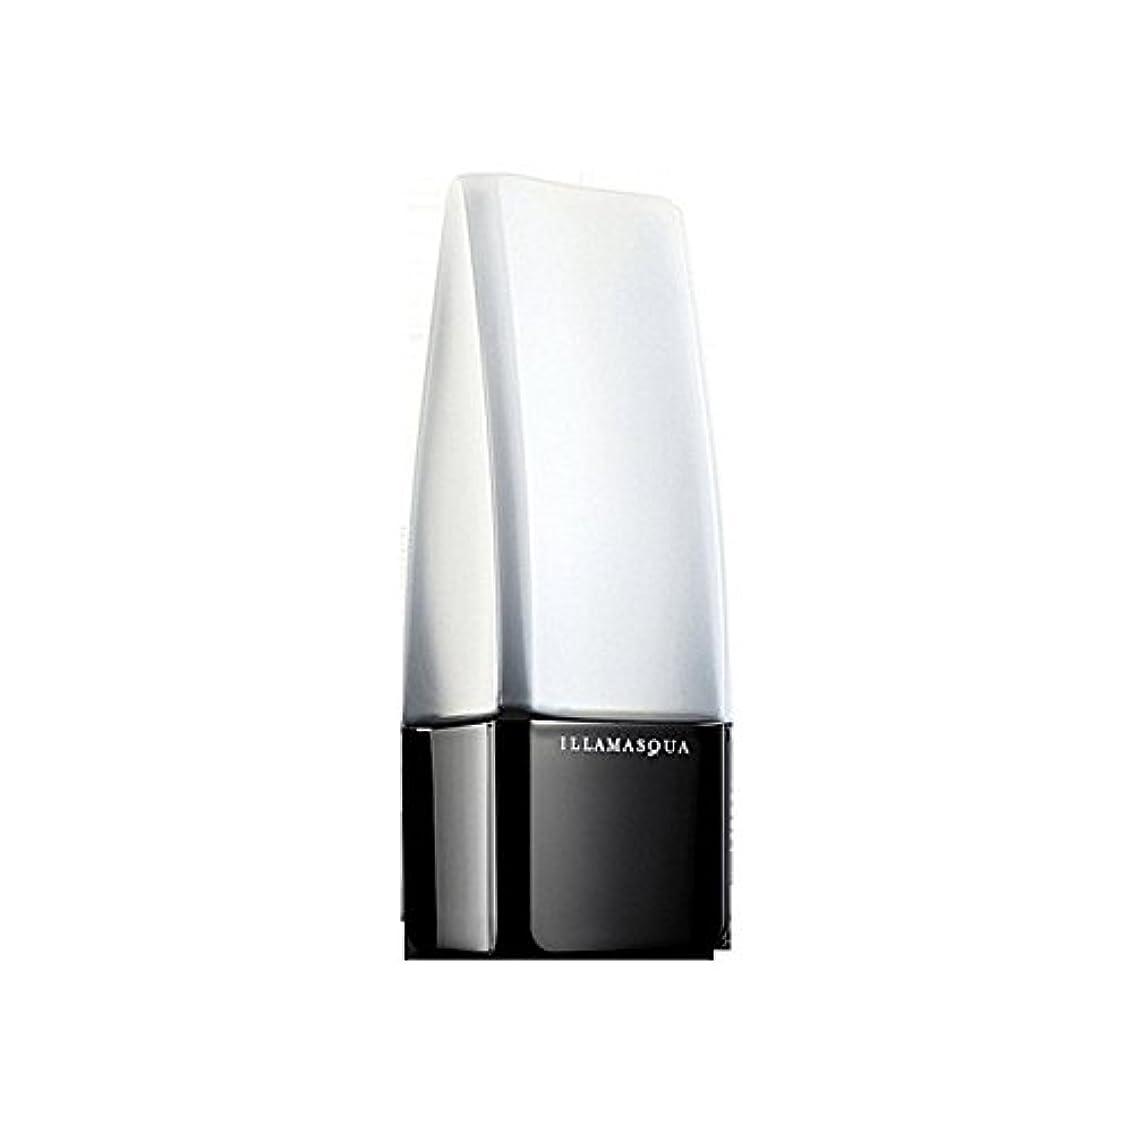 階下去る招待マットプライマー 20 30ミリリットル x4 - Illamasqua Matt Primer Spf 20 30ml (Pack of 4) [並行輸入品]